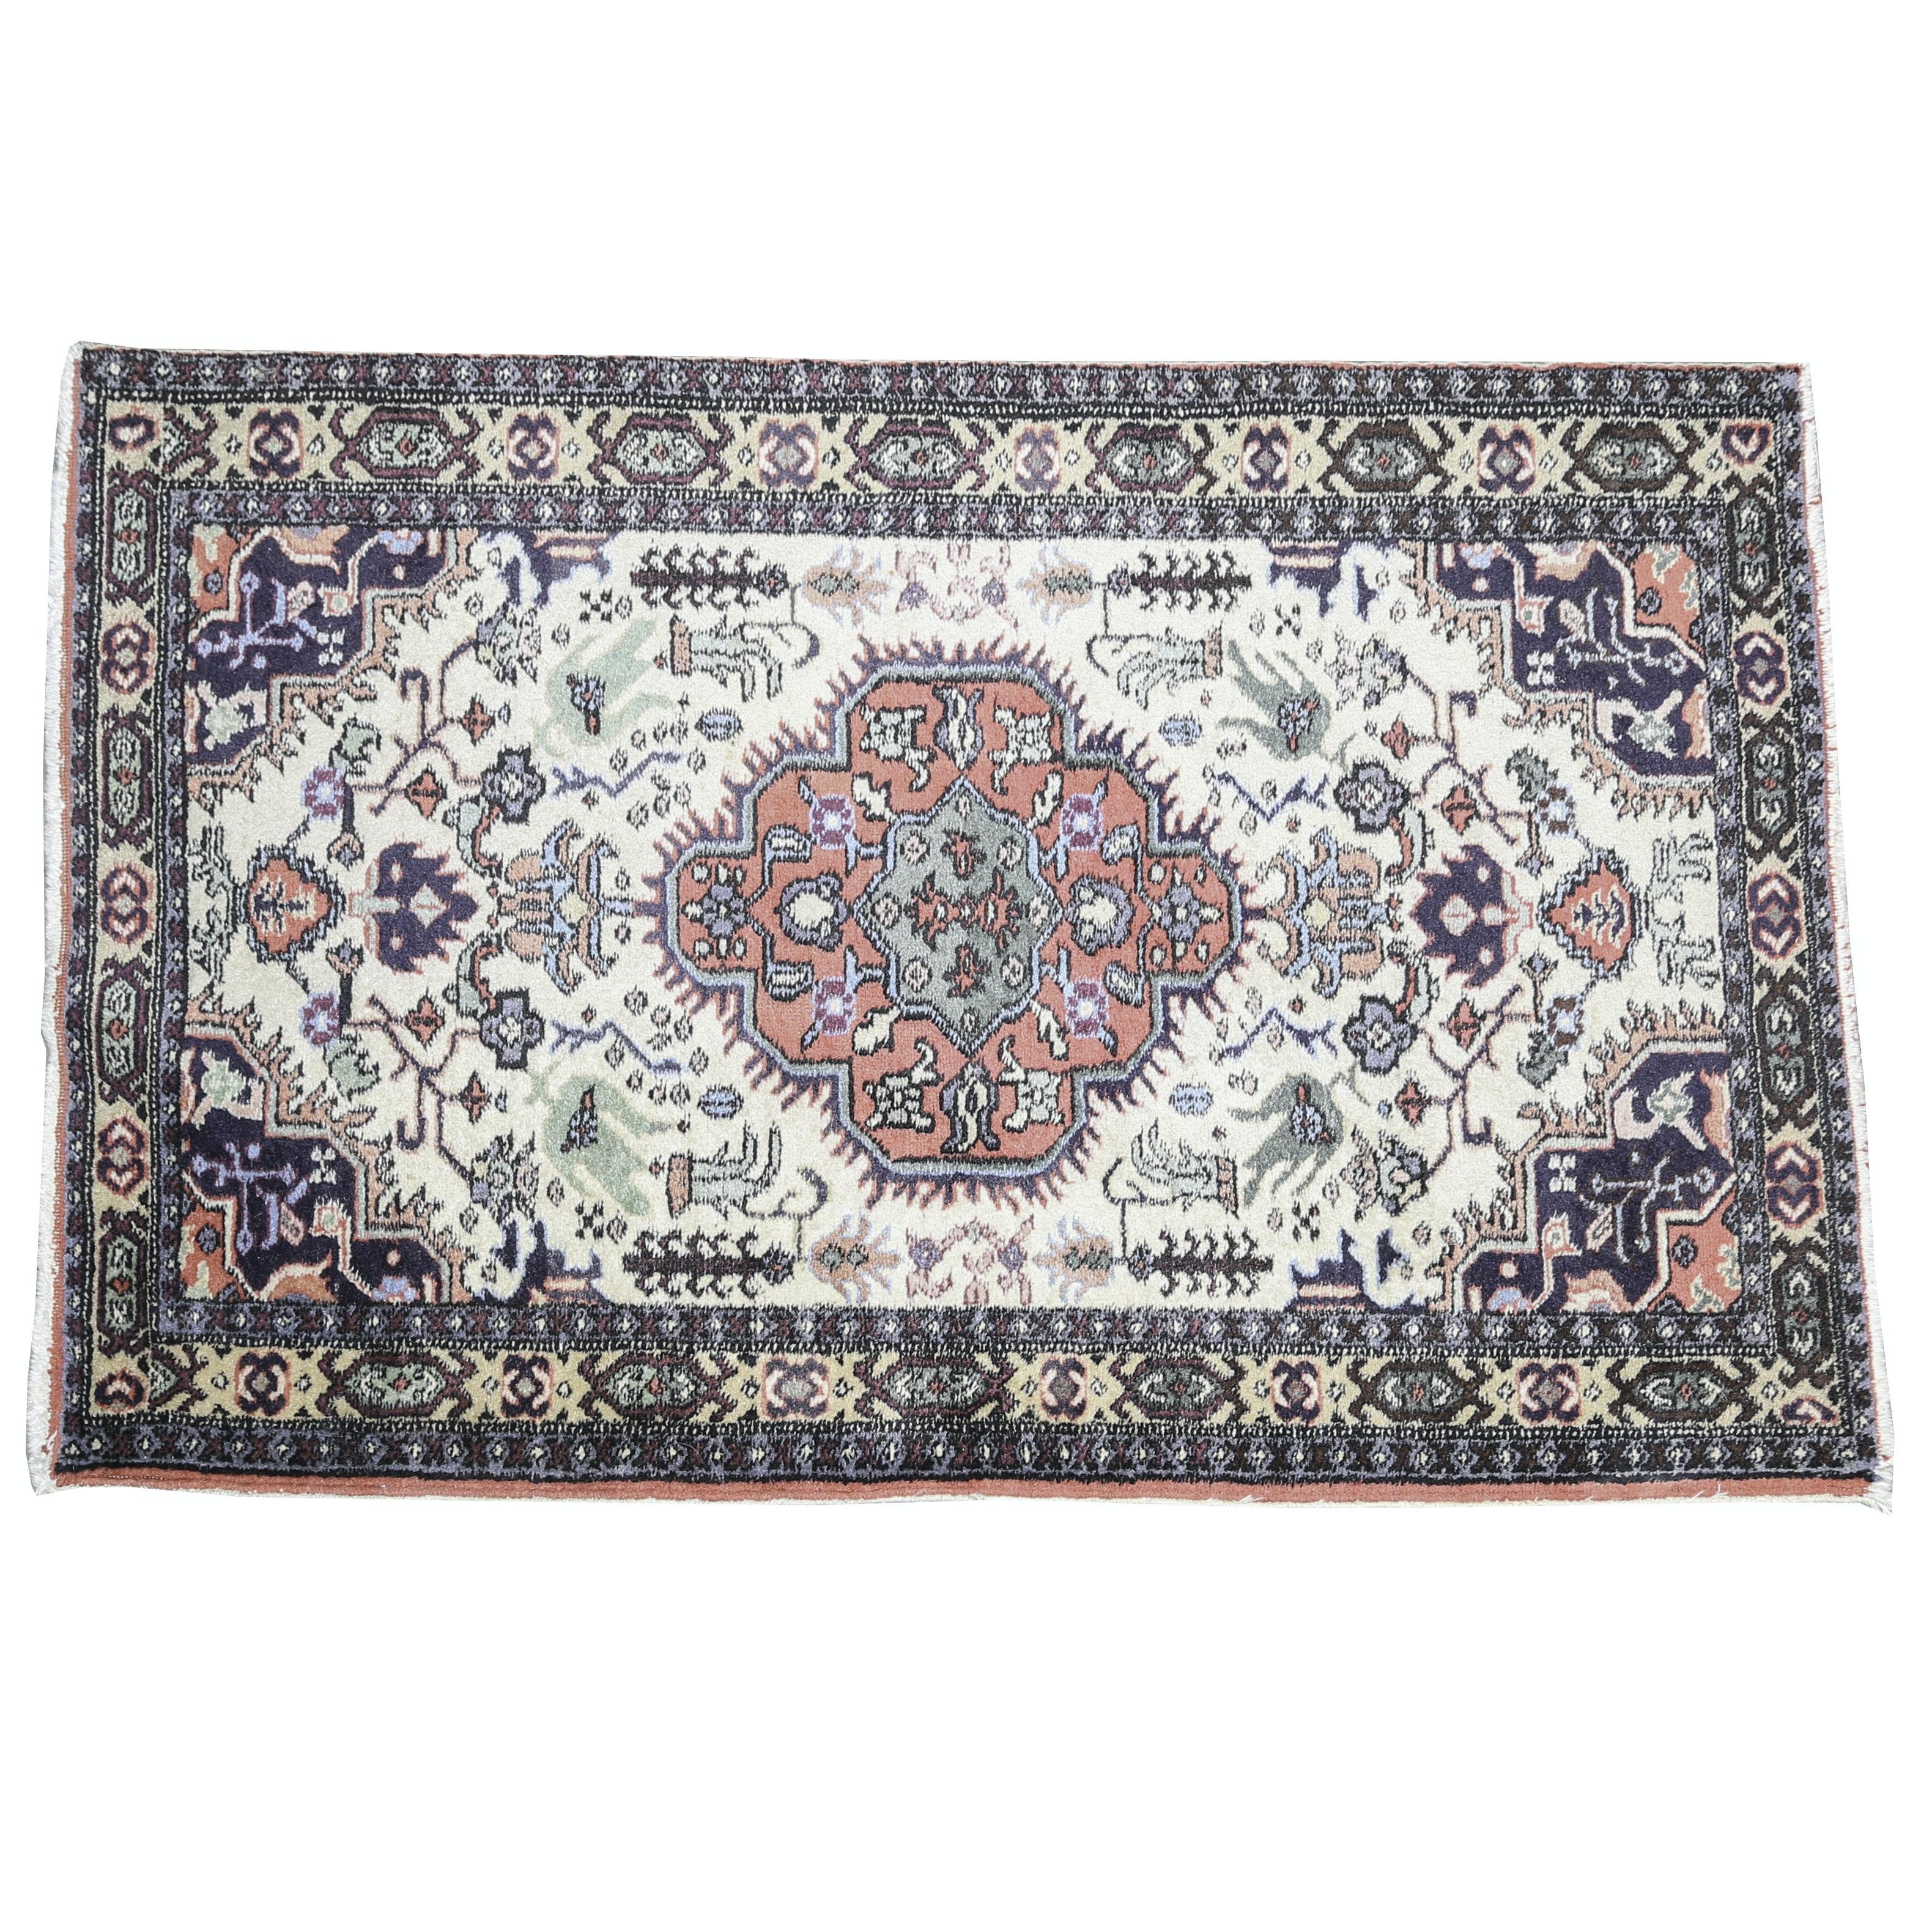 Vintage Hand-Knotted Turkish Wool Area Rug